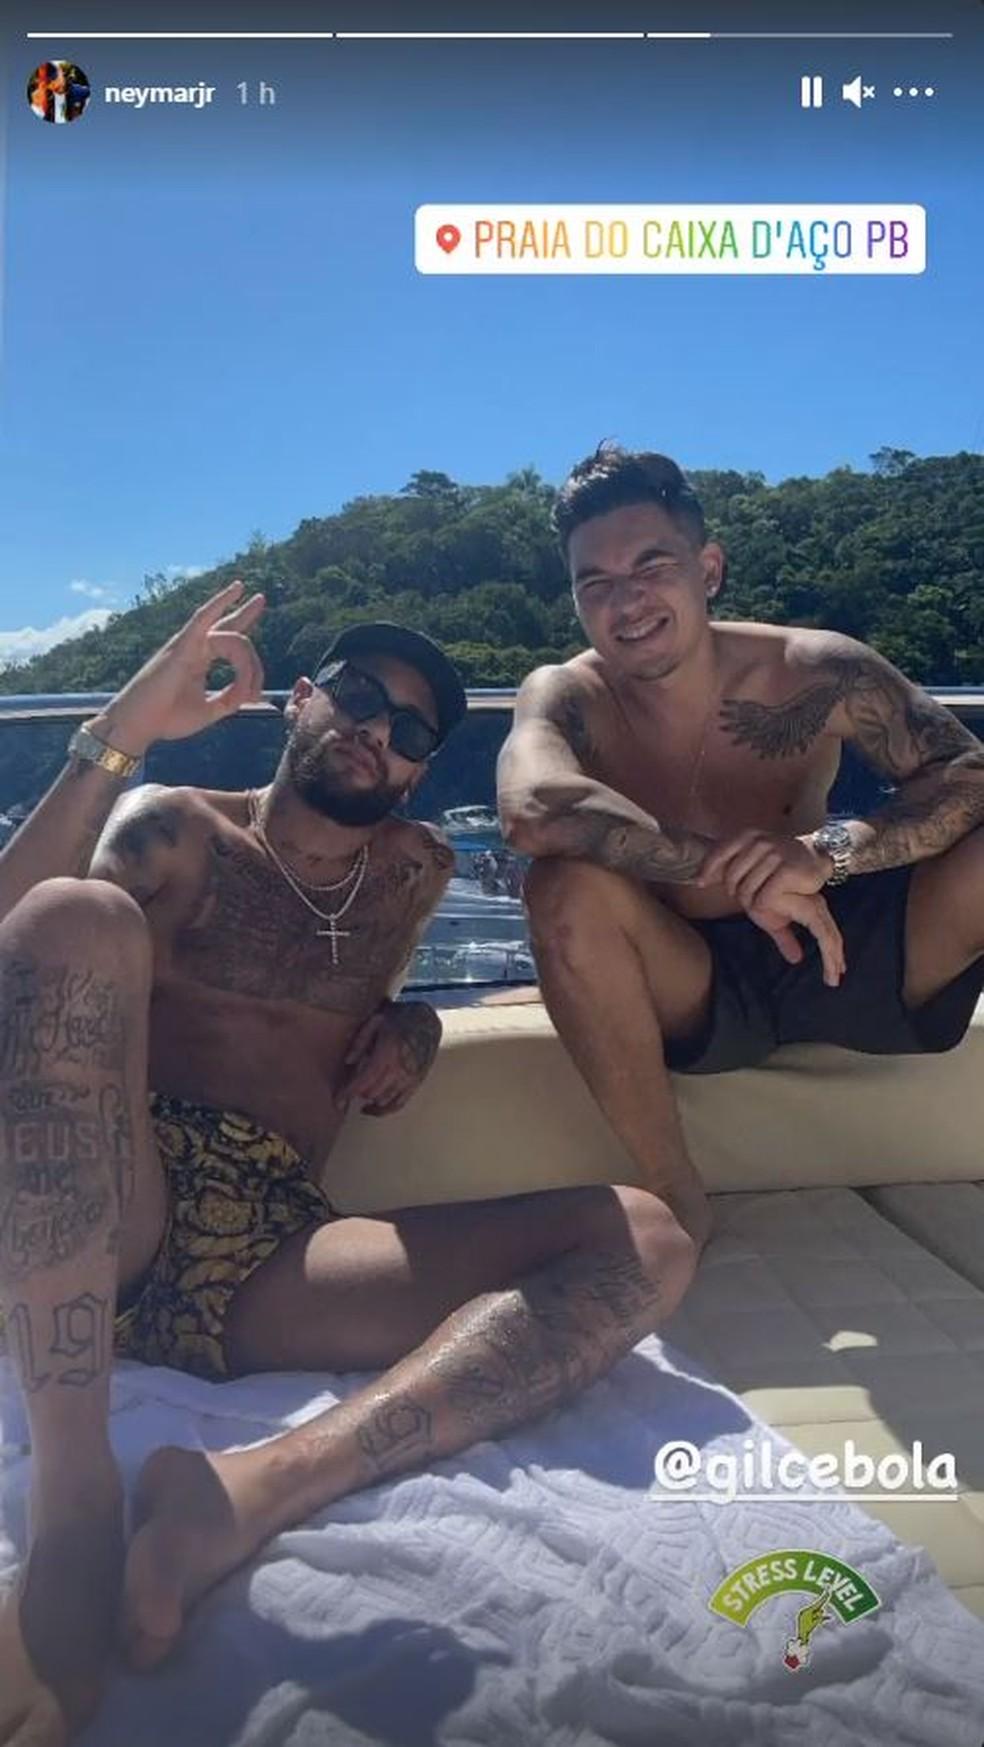 Neymar e um 'parça' - como costuma chamar os amigos - em praia de Santa Catarina — Foto: Reprodução/Instagram